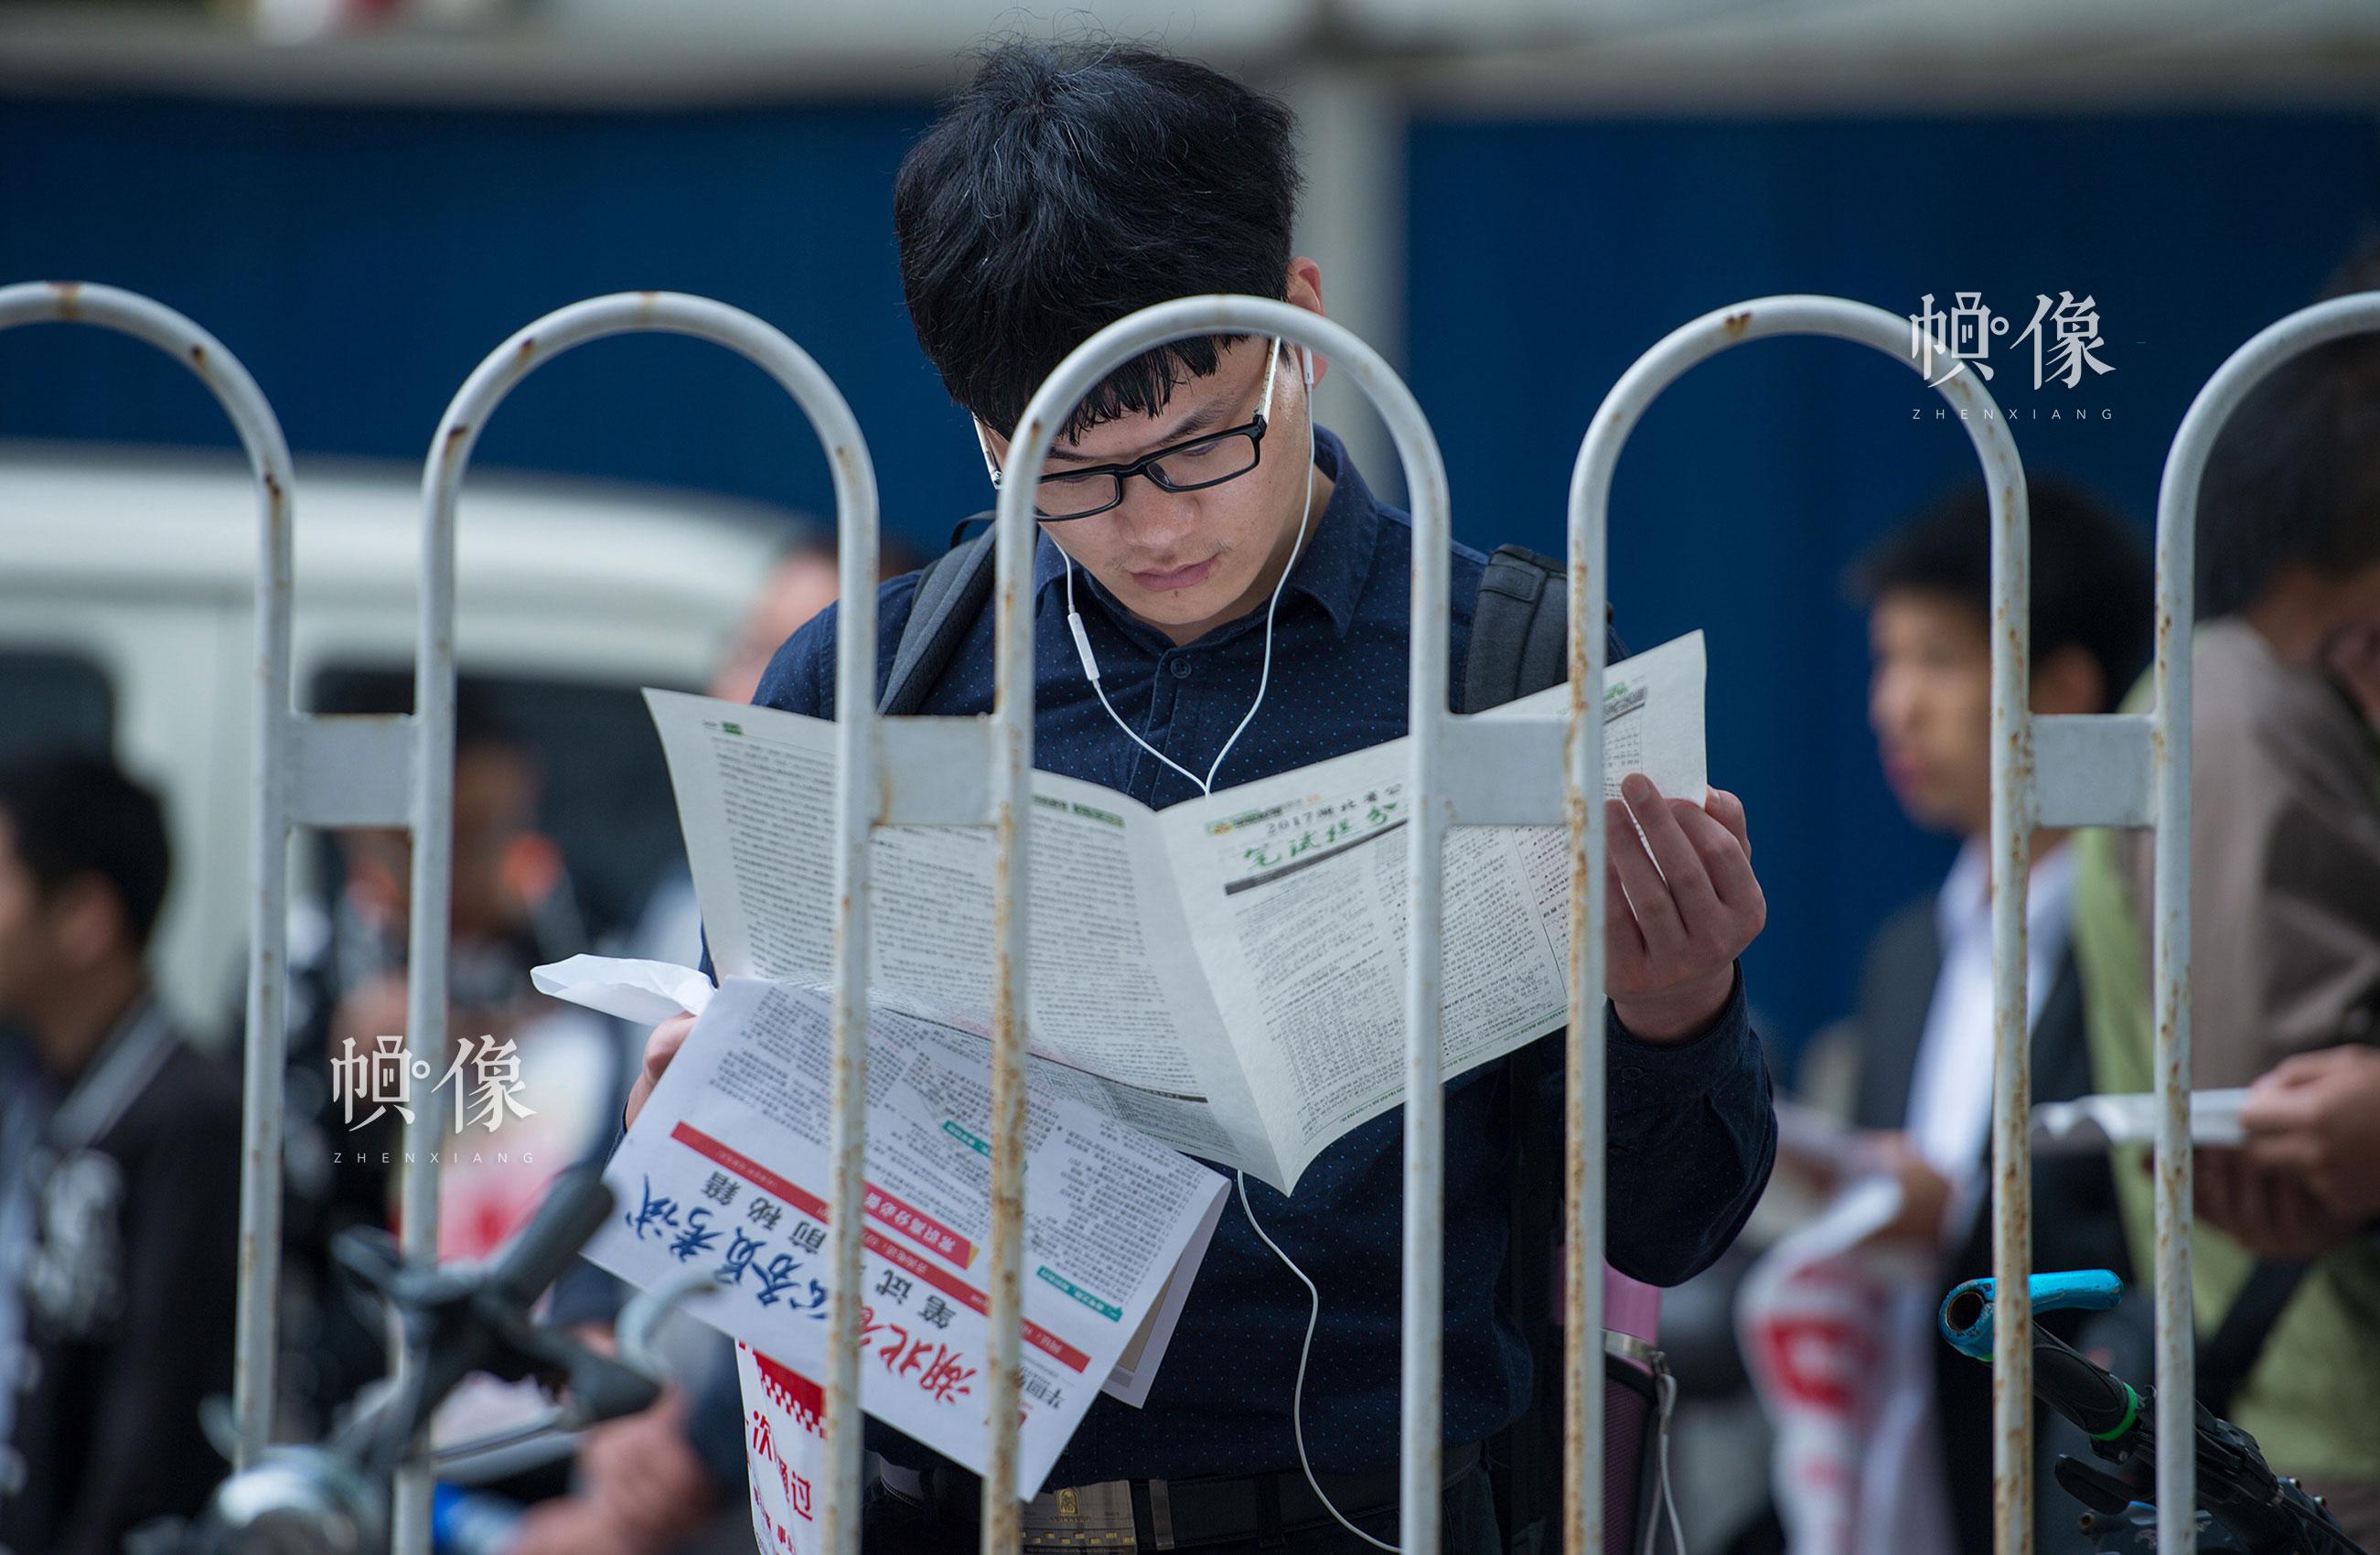 2017年4月22日,湖北省武汉市。在湖北省公务员考试笔试湖北大学考点,考生们在考前抓紧复习。唐麦/东方IC